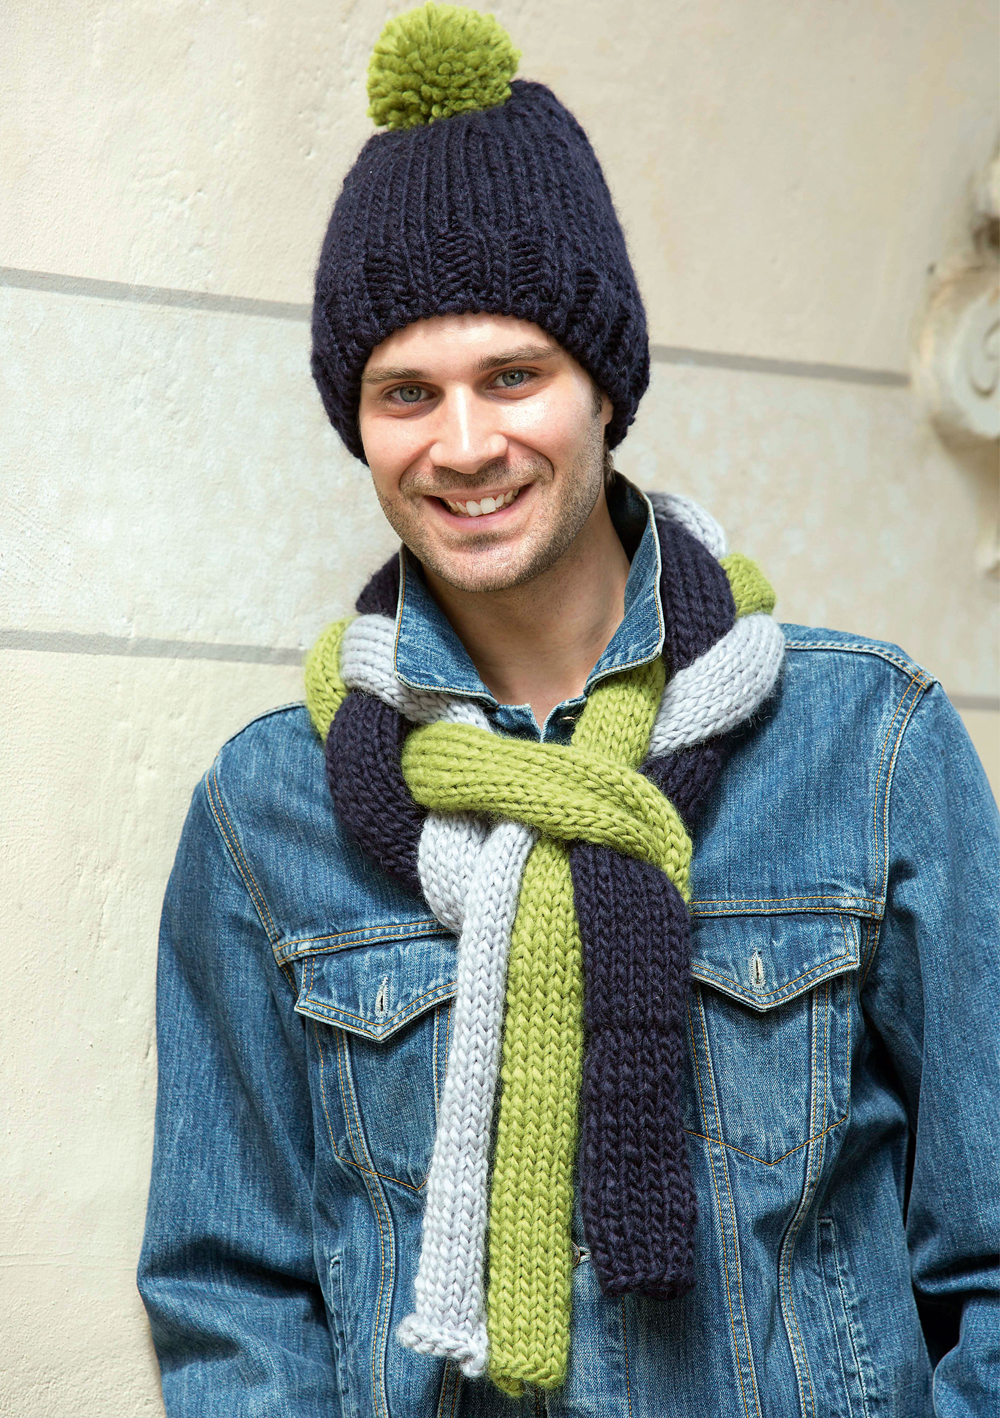 комплект из шапки и шарфа для мужчины схема вязания спицами вяжем